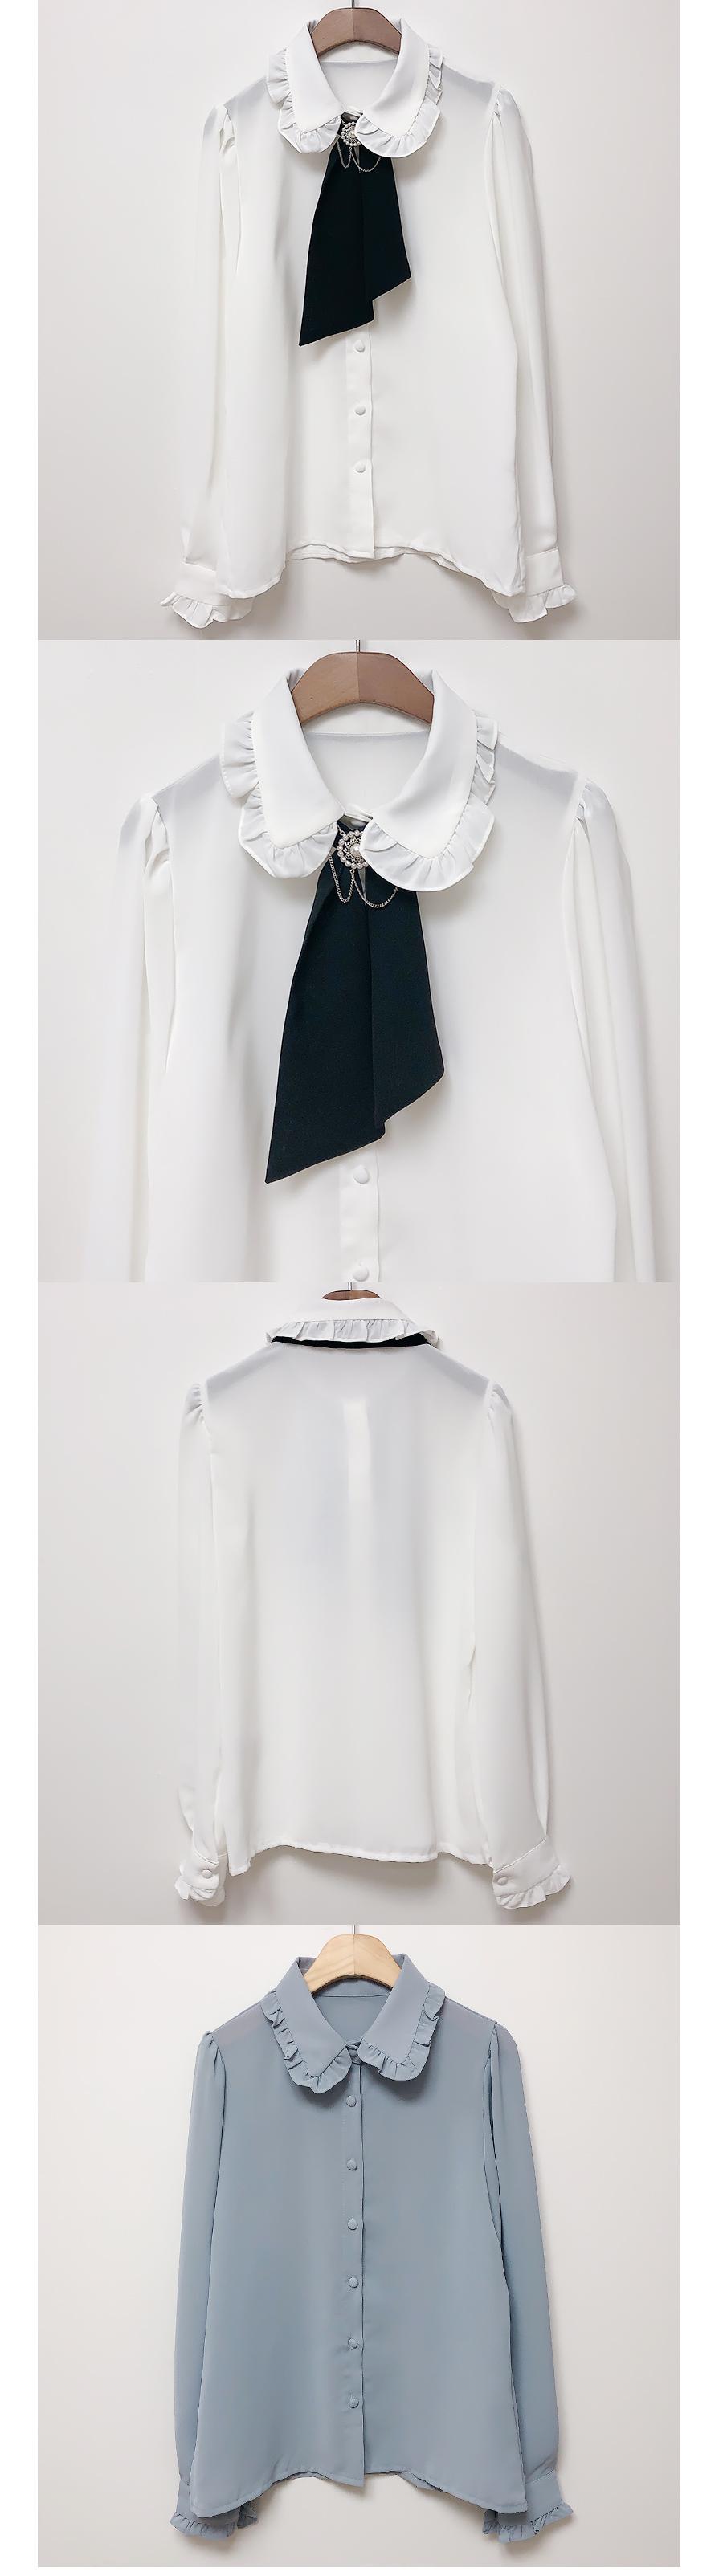 綁帶胸針 荷葉領邊公主袖襯衫